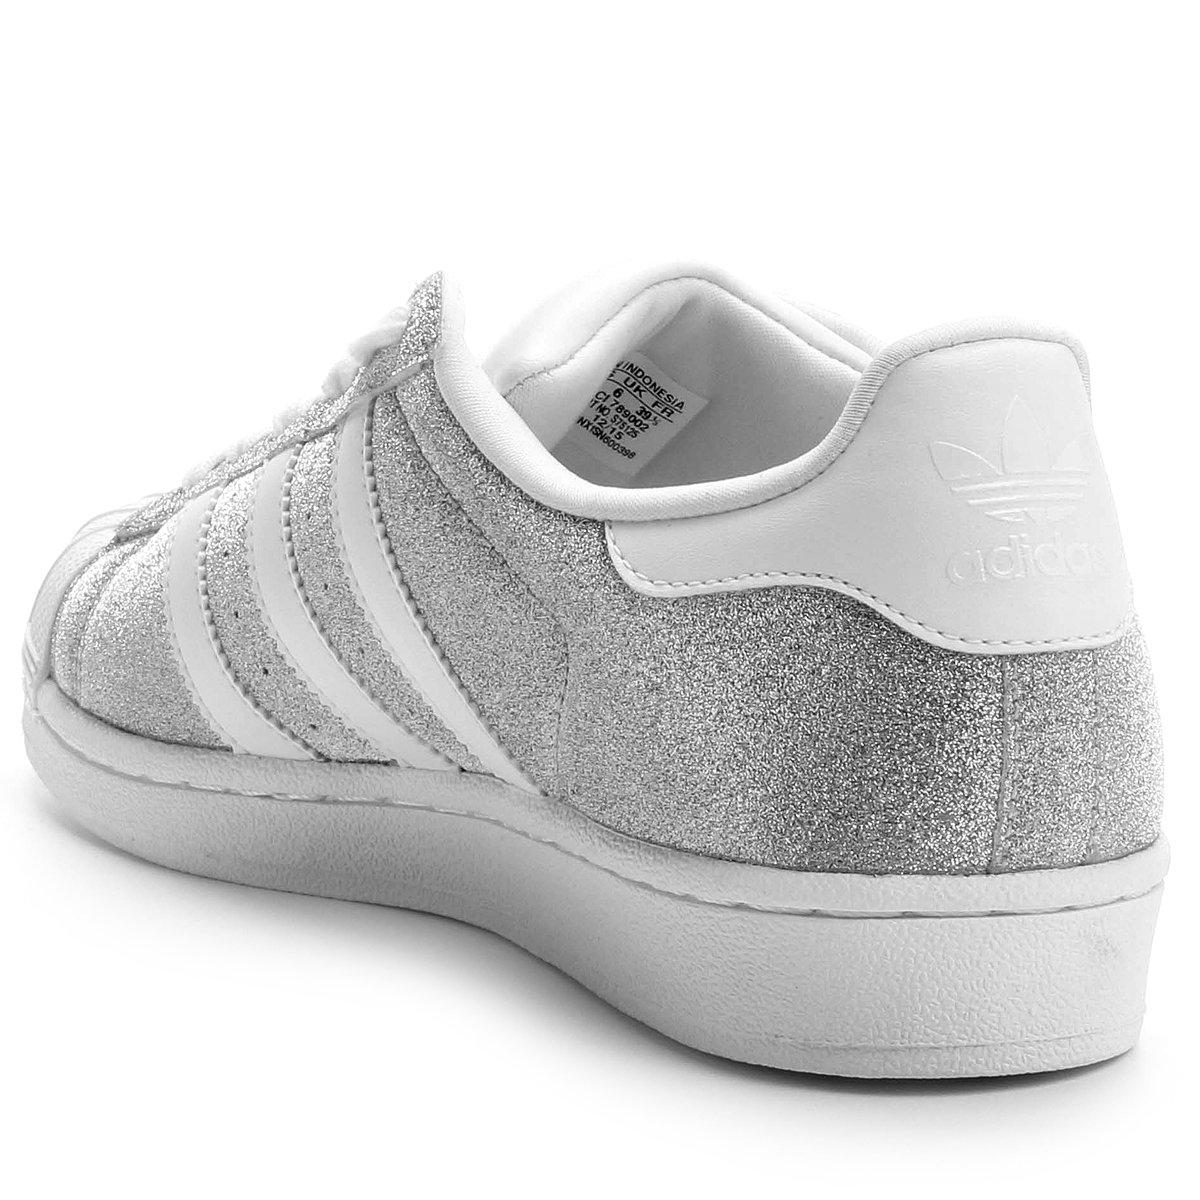 Tênis Adidas Superstar - Compre Agora  6609f215cc08a